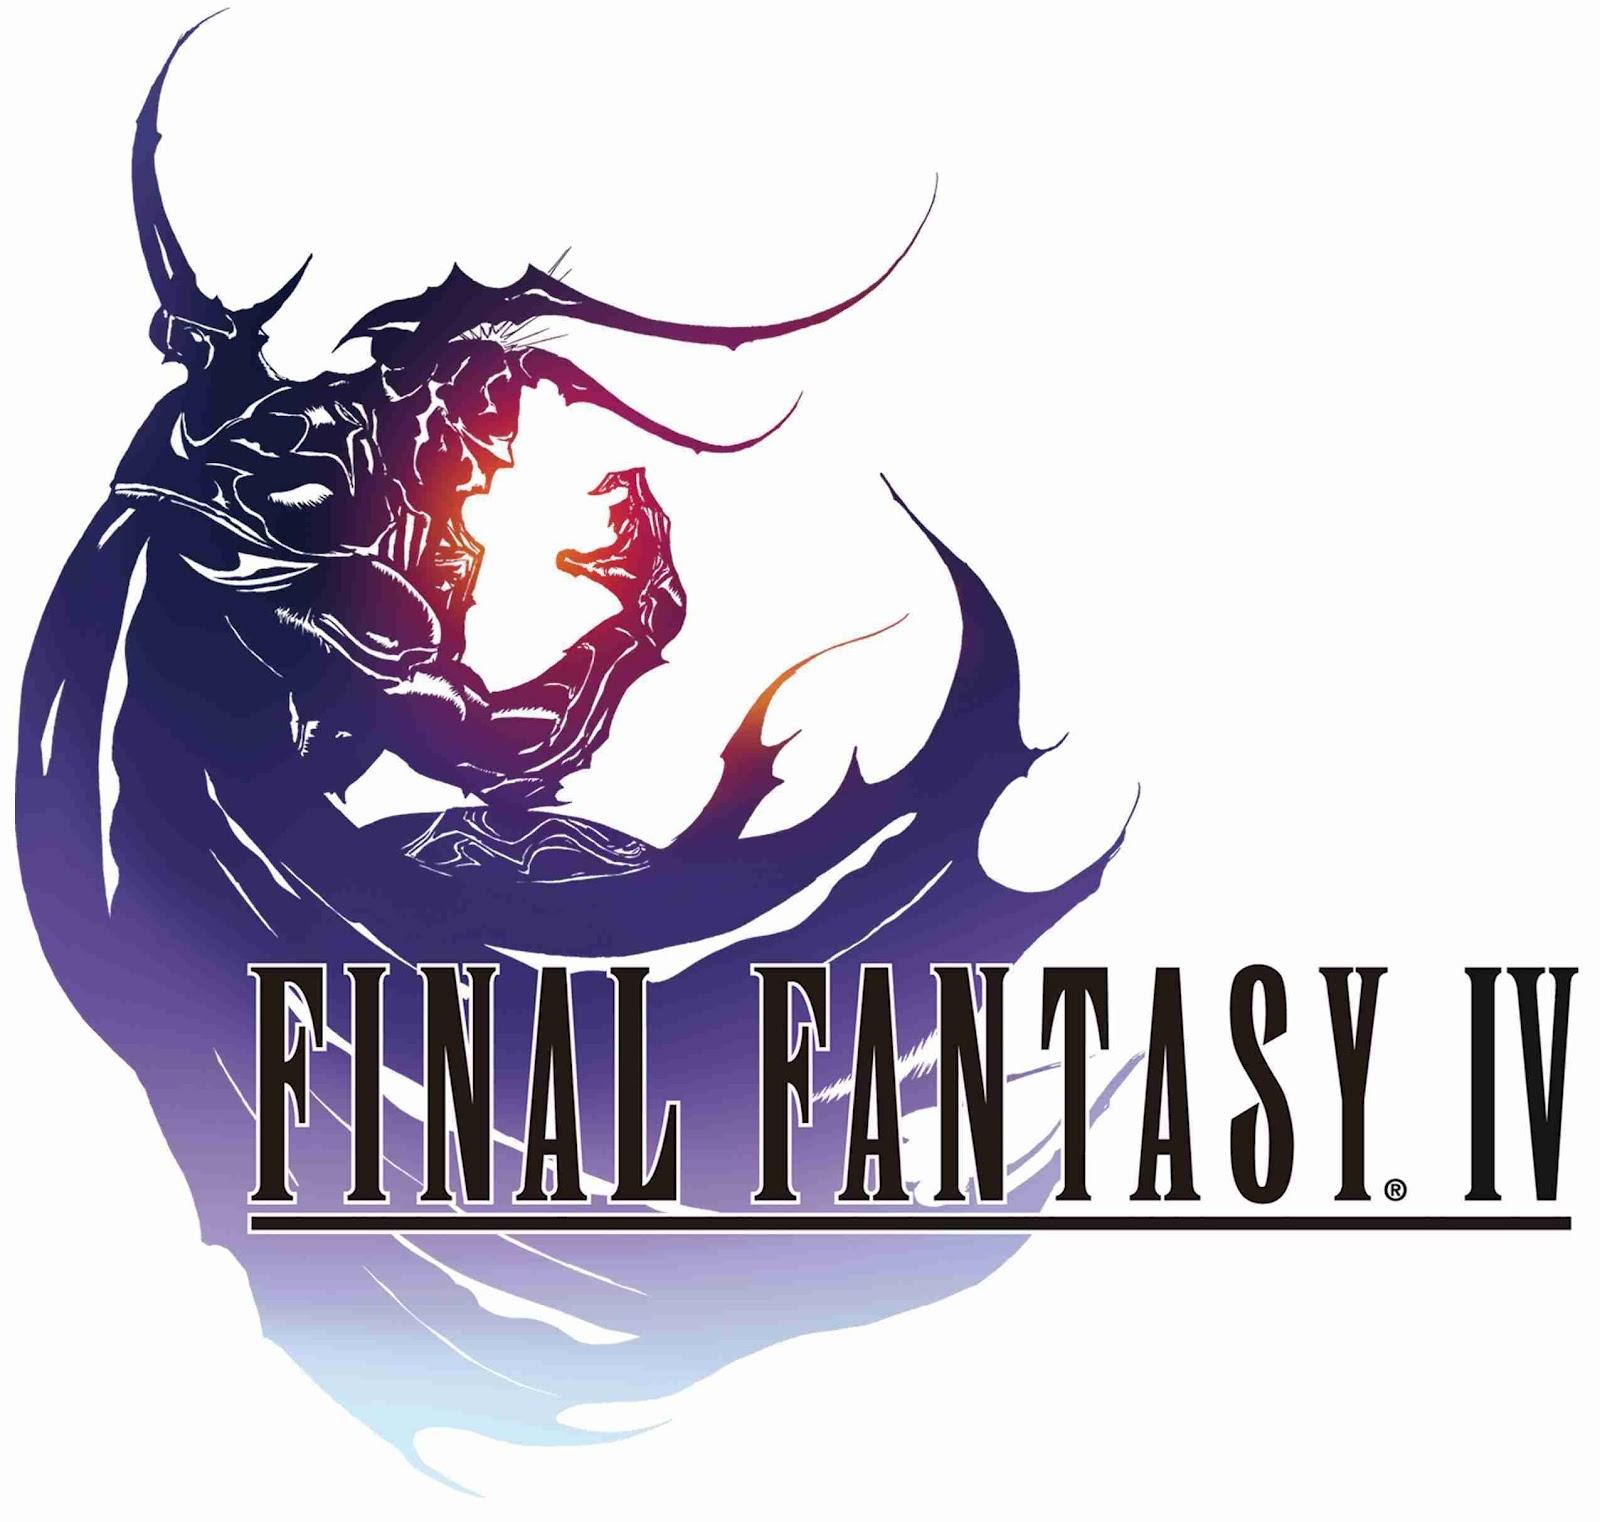 ffiv_nds_logo